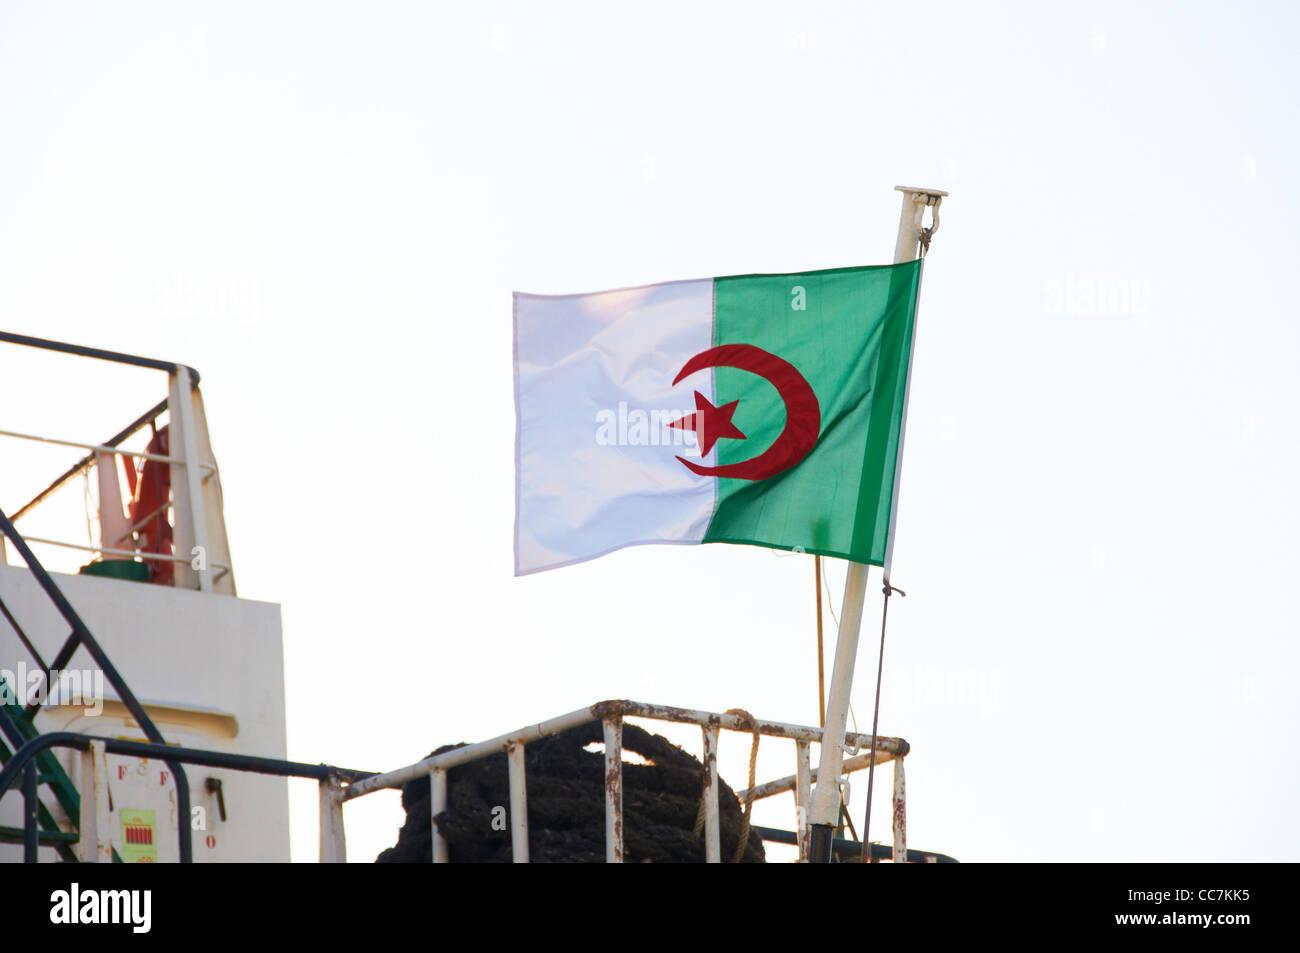 drapeau Algérie Photo Stock